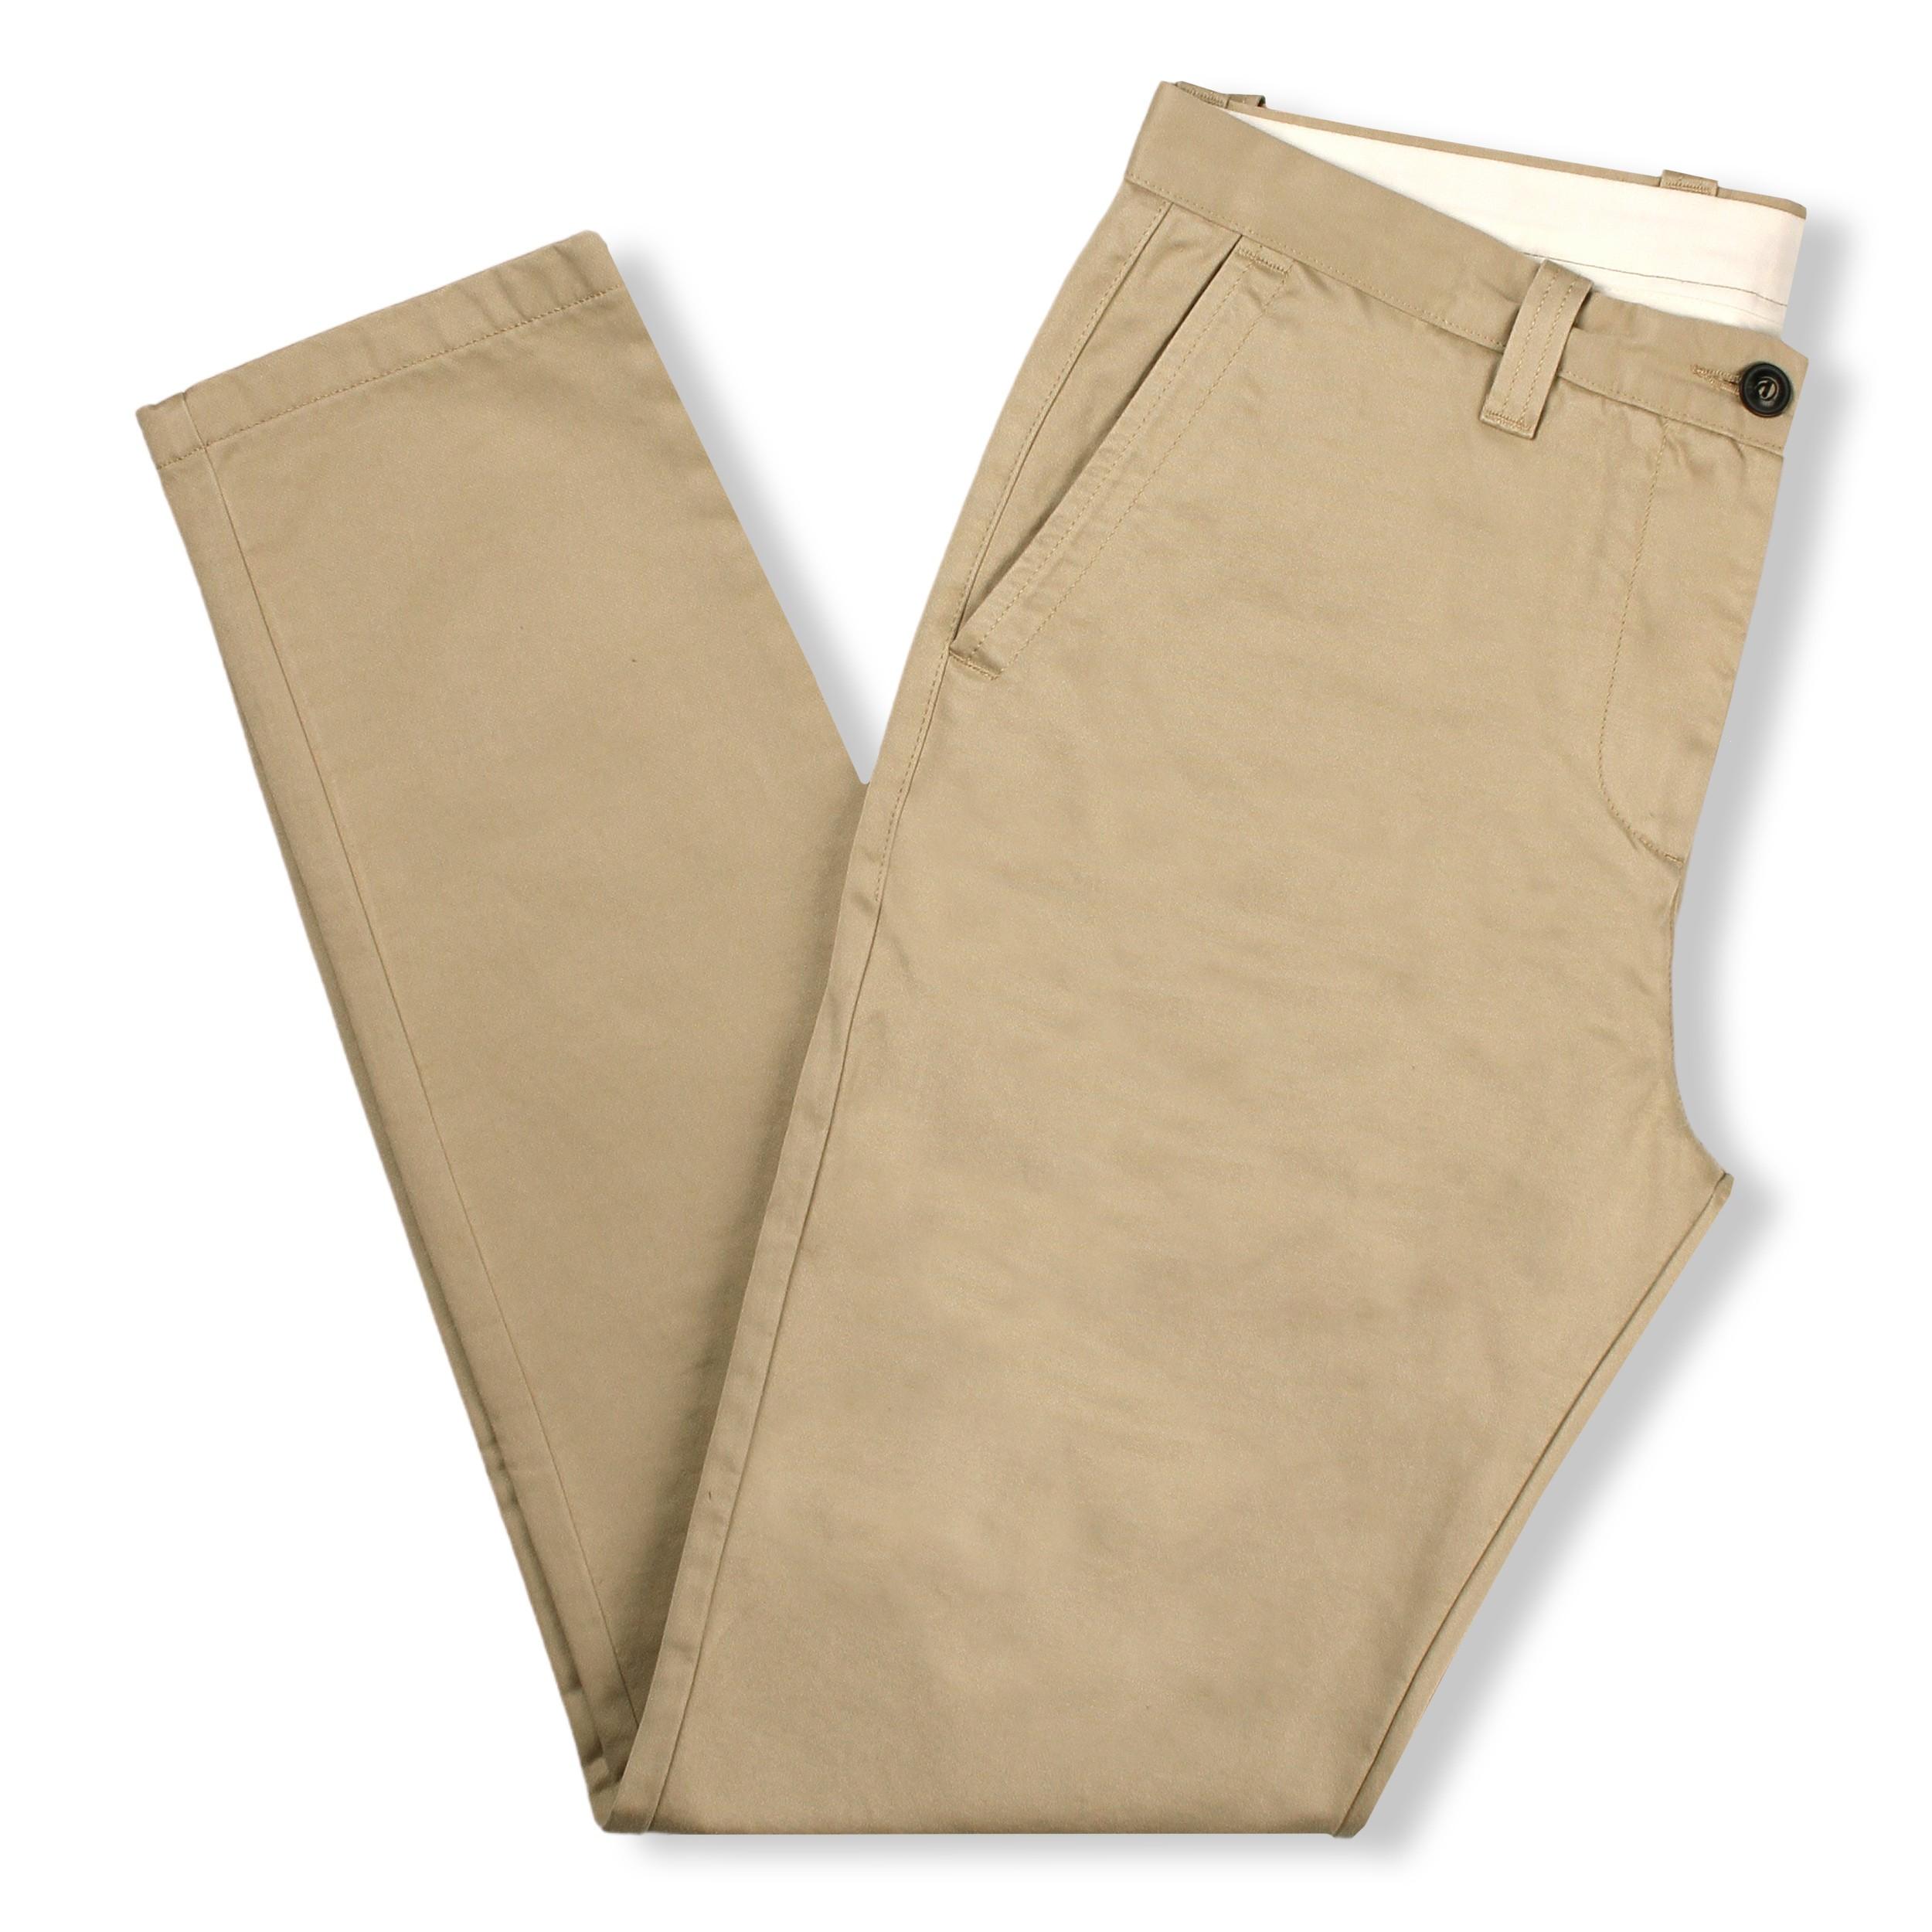 Chino 100% cotton